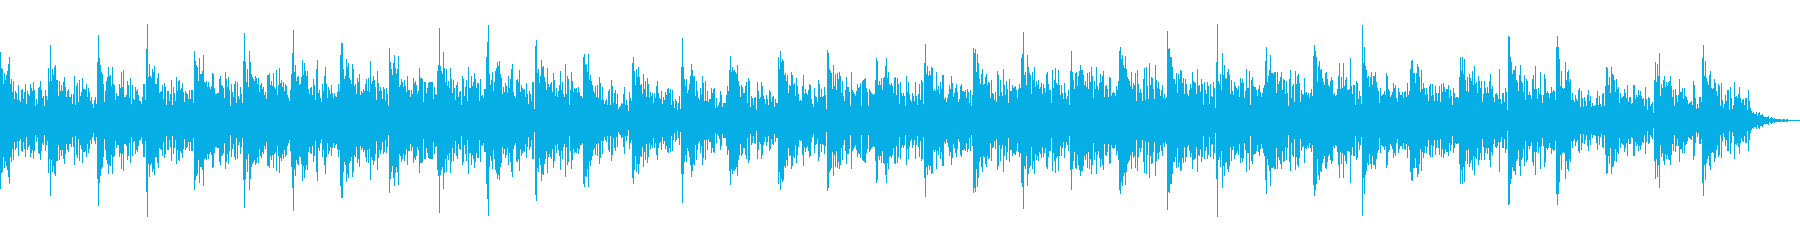 推理的感情の情報音楽_A_鳴りきりの再生済みの波形